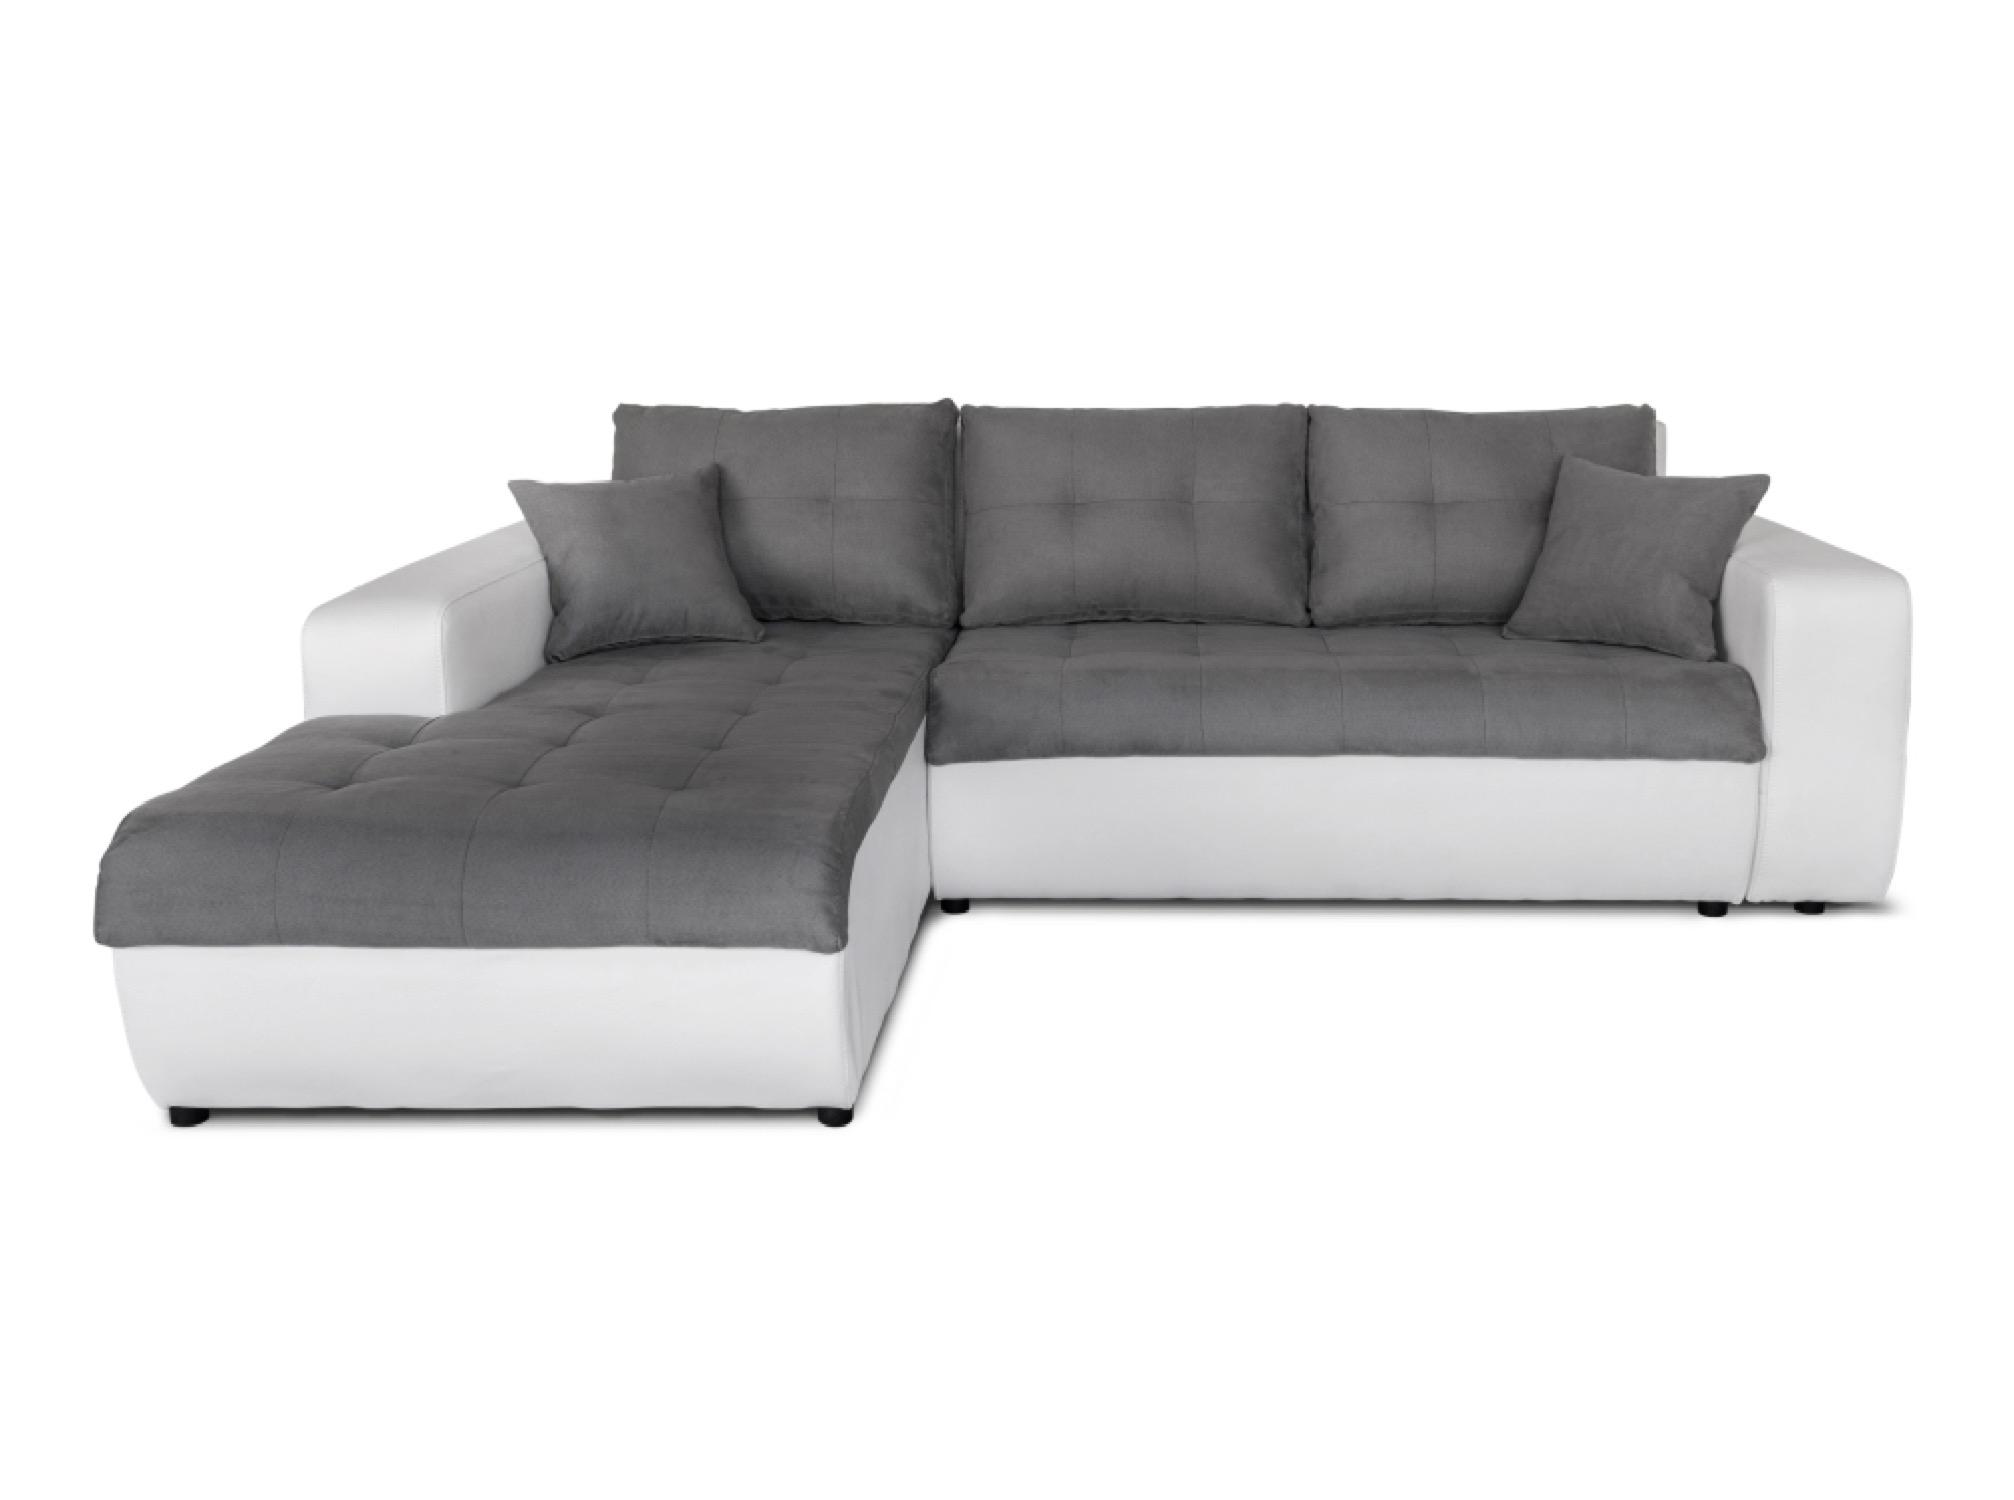 Canapé d'angle gauche convertible bi-matière blanc/gris